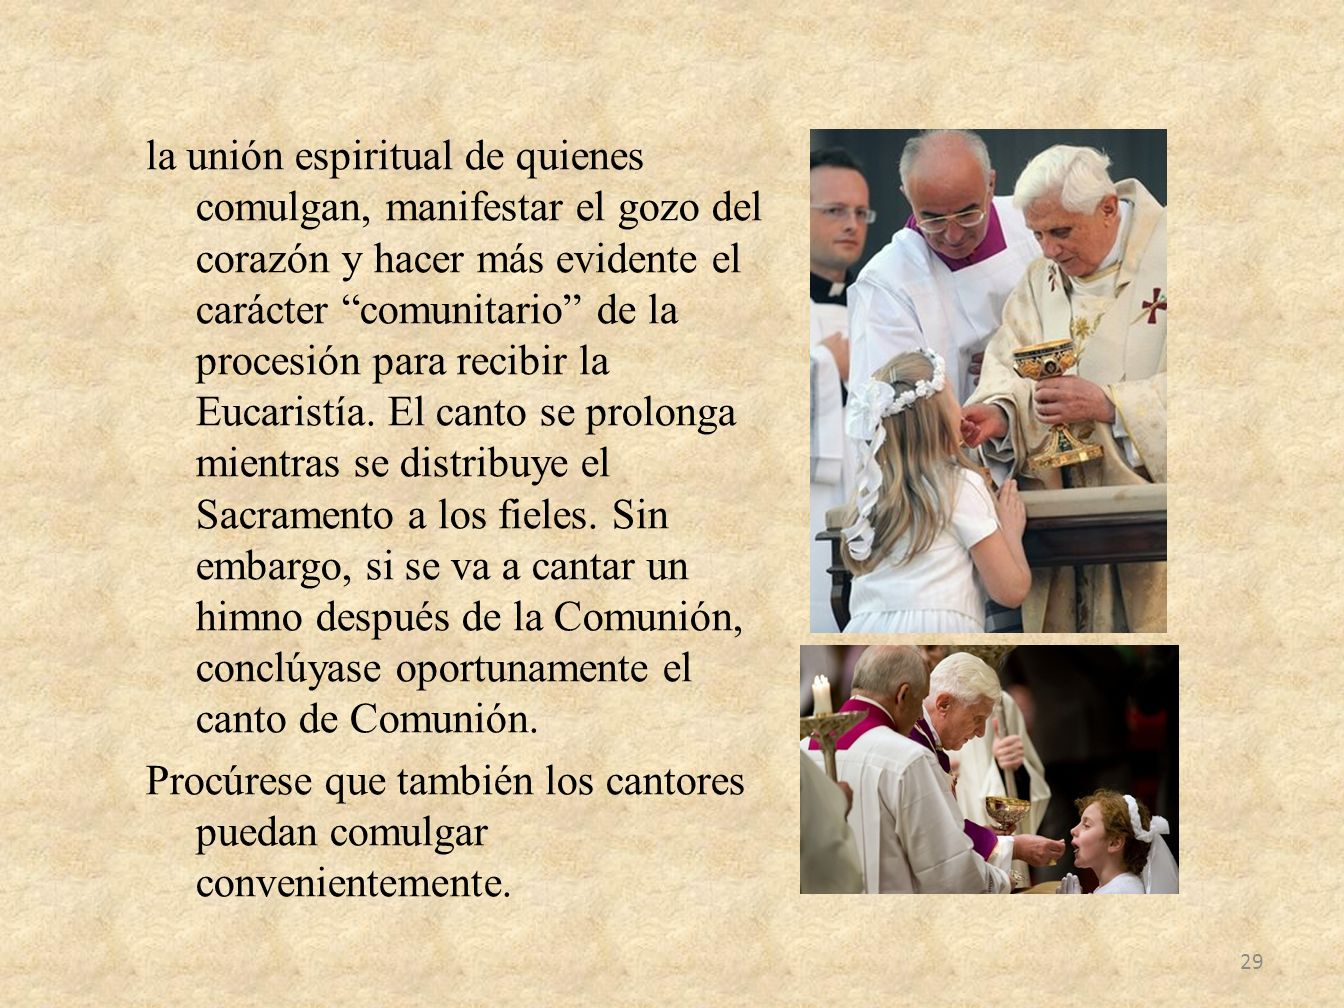 la unión espiritual de quienes comulgan, manifestar el gozo del corazón y hacer más evidente el carácter comunitario de la procesión para recibir la Eucaristía.